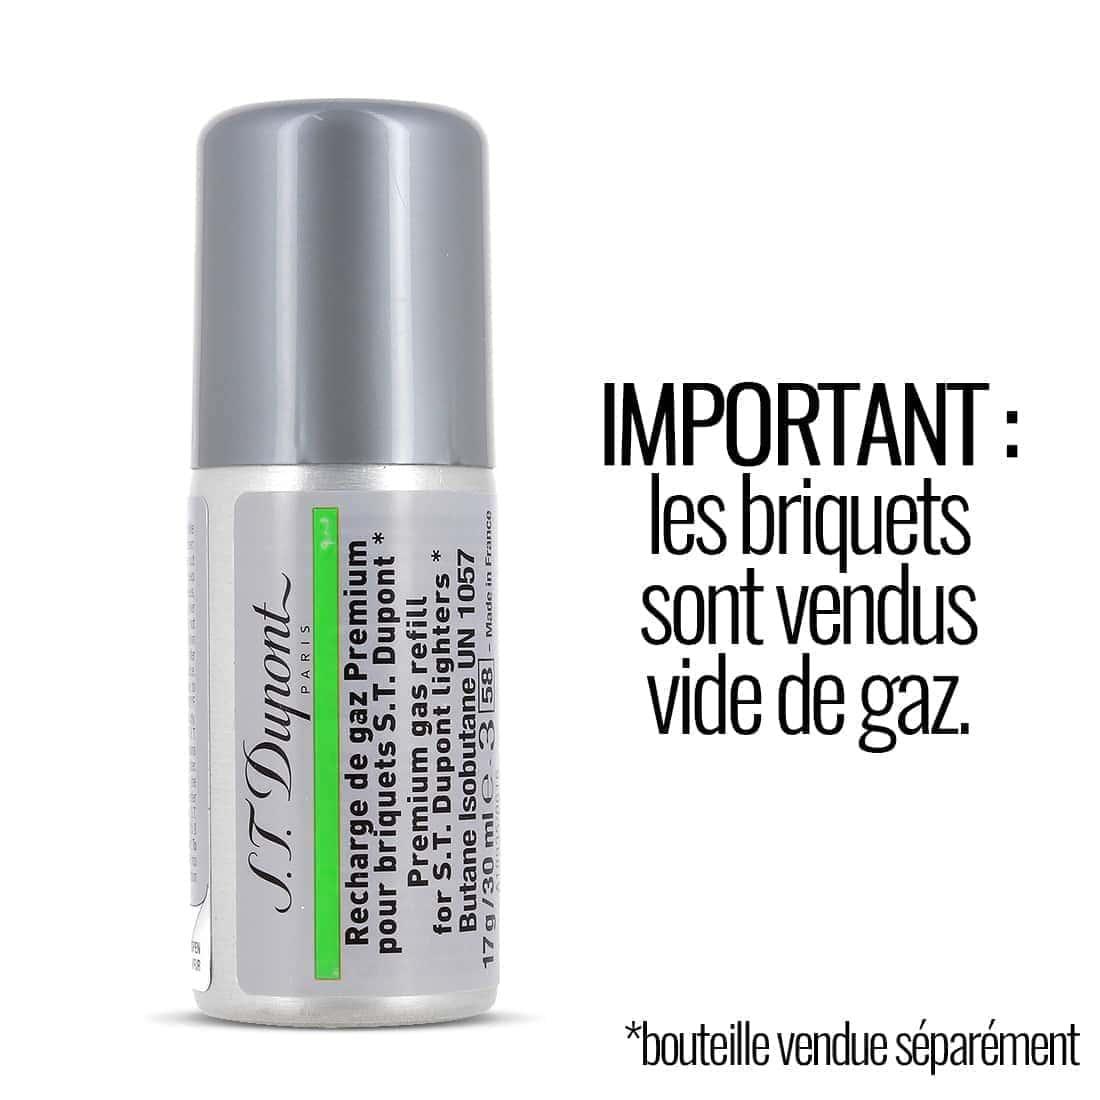 Photo #7 de Briquet S.T. Dupont Ligne 2 Or Pointe de Microdiamant Petit Modèle